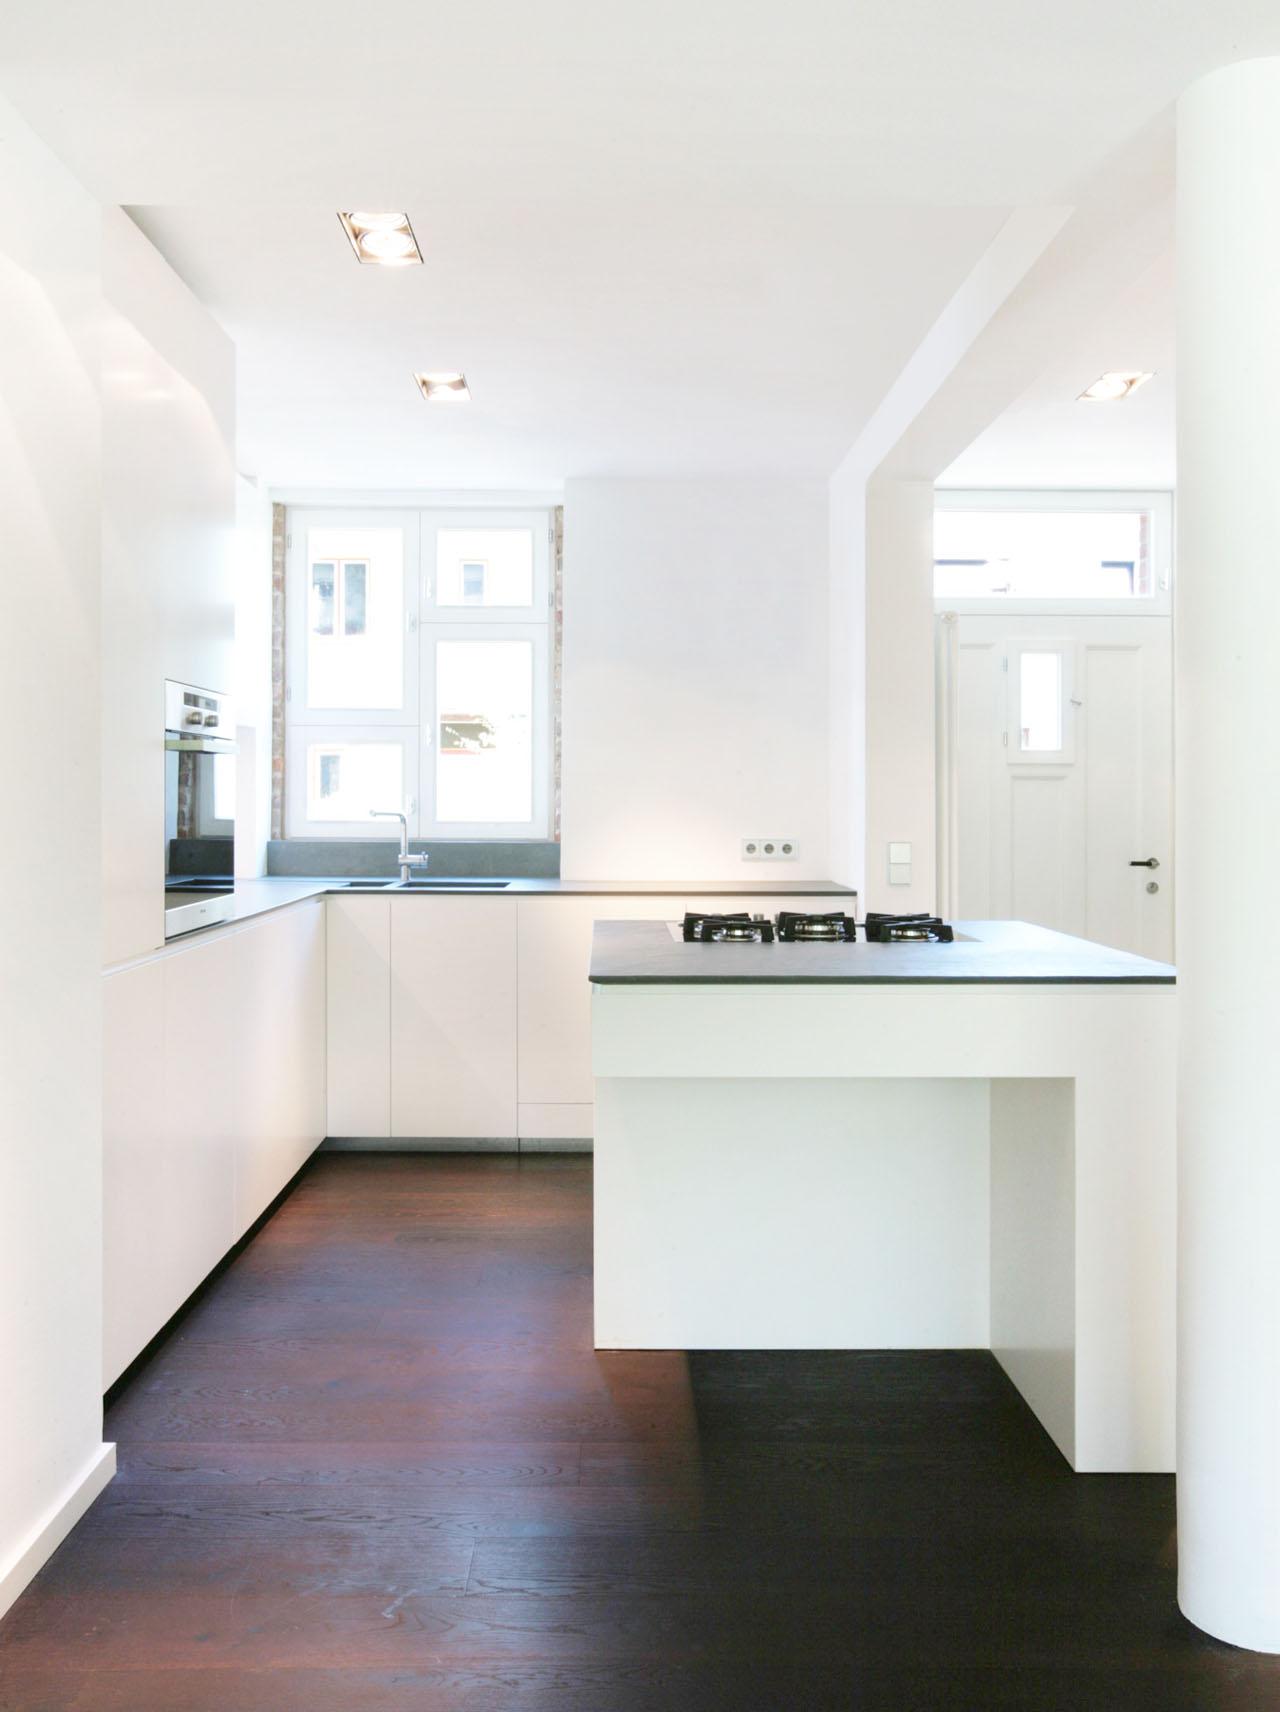 Charmant Küchen Direkt Ma Westfield Ideen - Ideen Für Die Küche ...